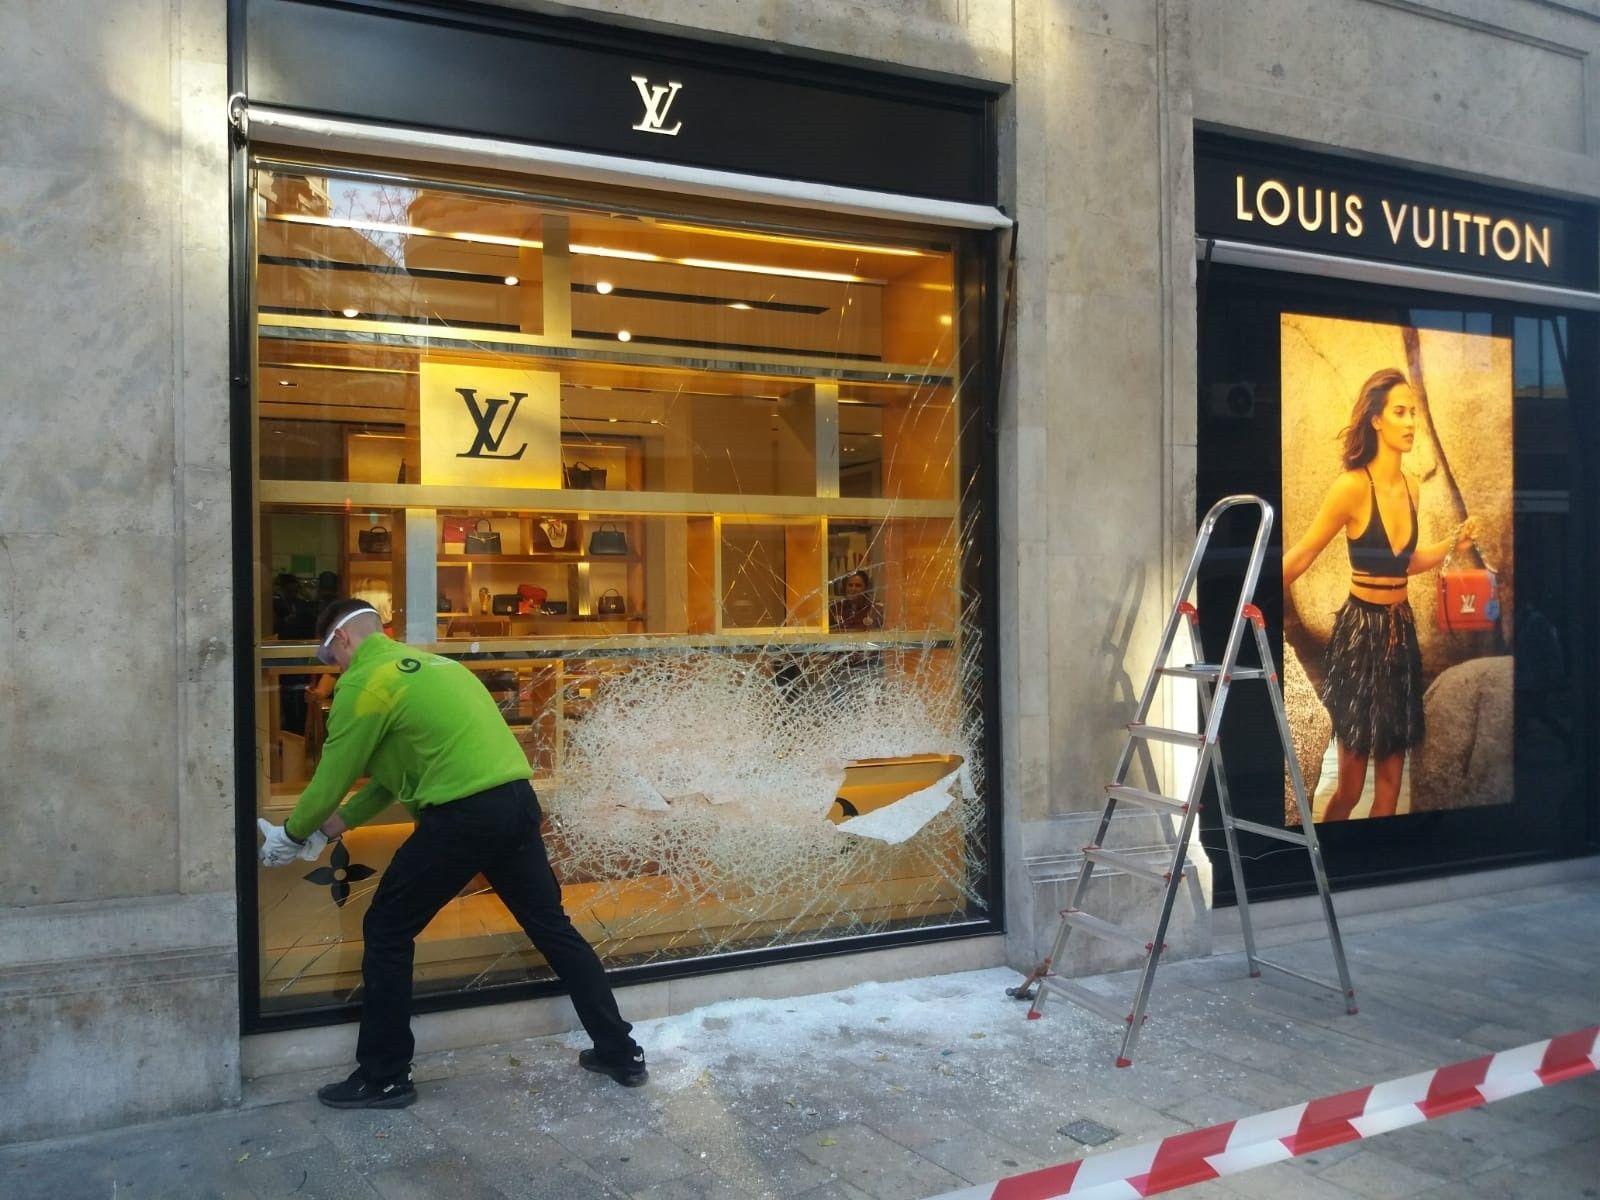 b7deac728 Un ladrón acaba en el hospital tras un tiroteo con la Policía después de  atracar con otros dos asaltantes una tienda de Louis Vuitton